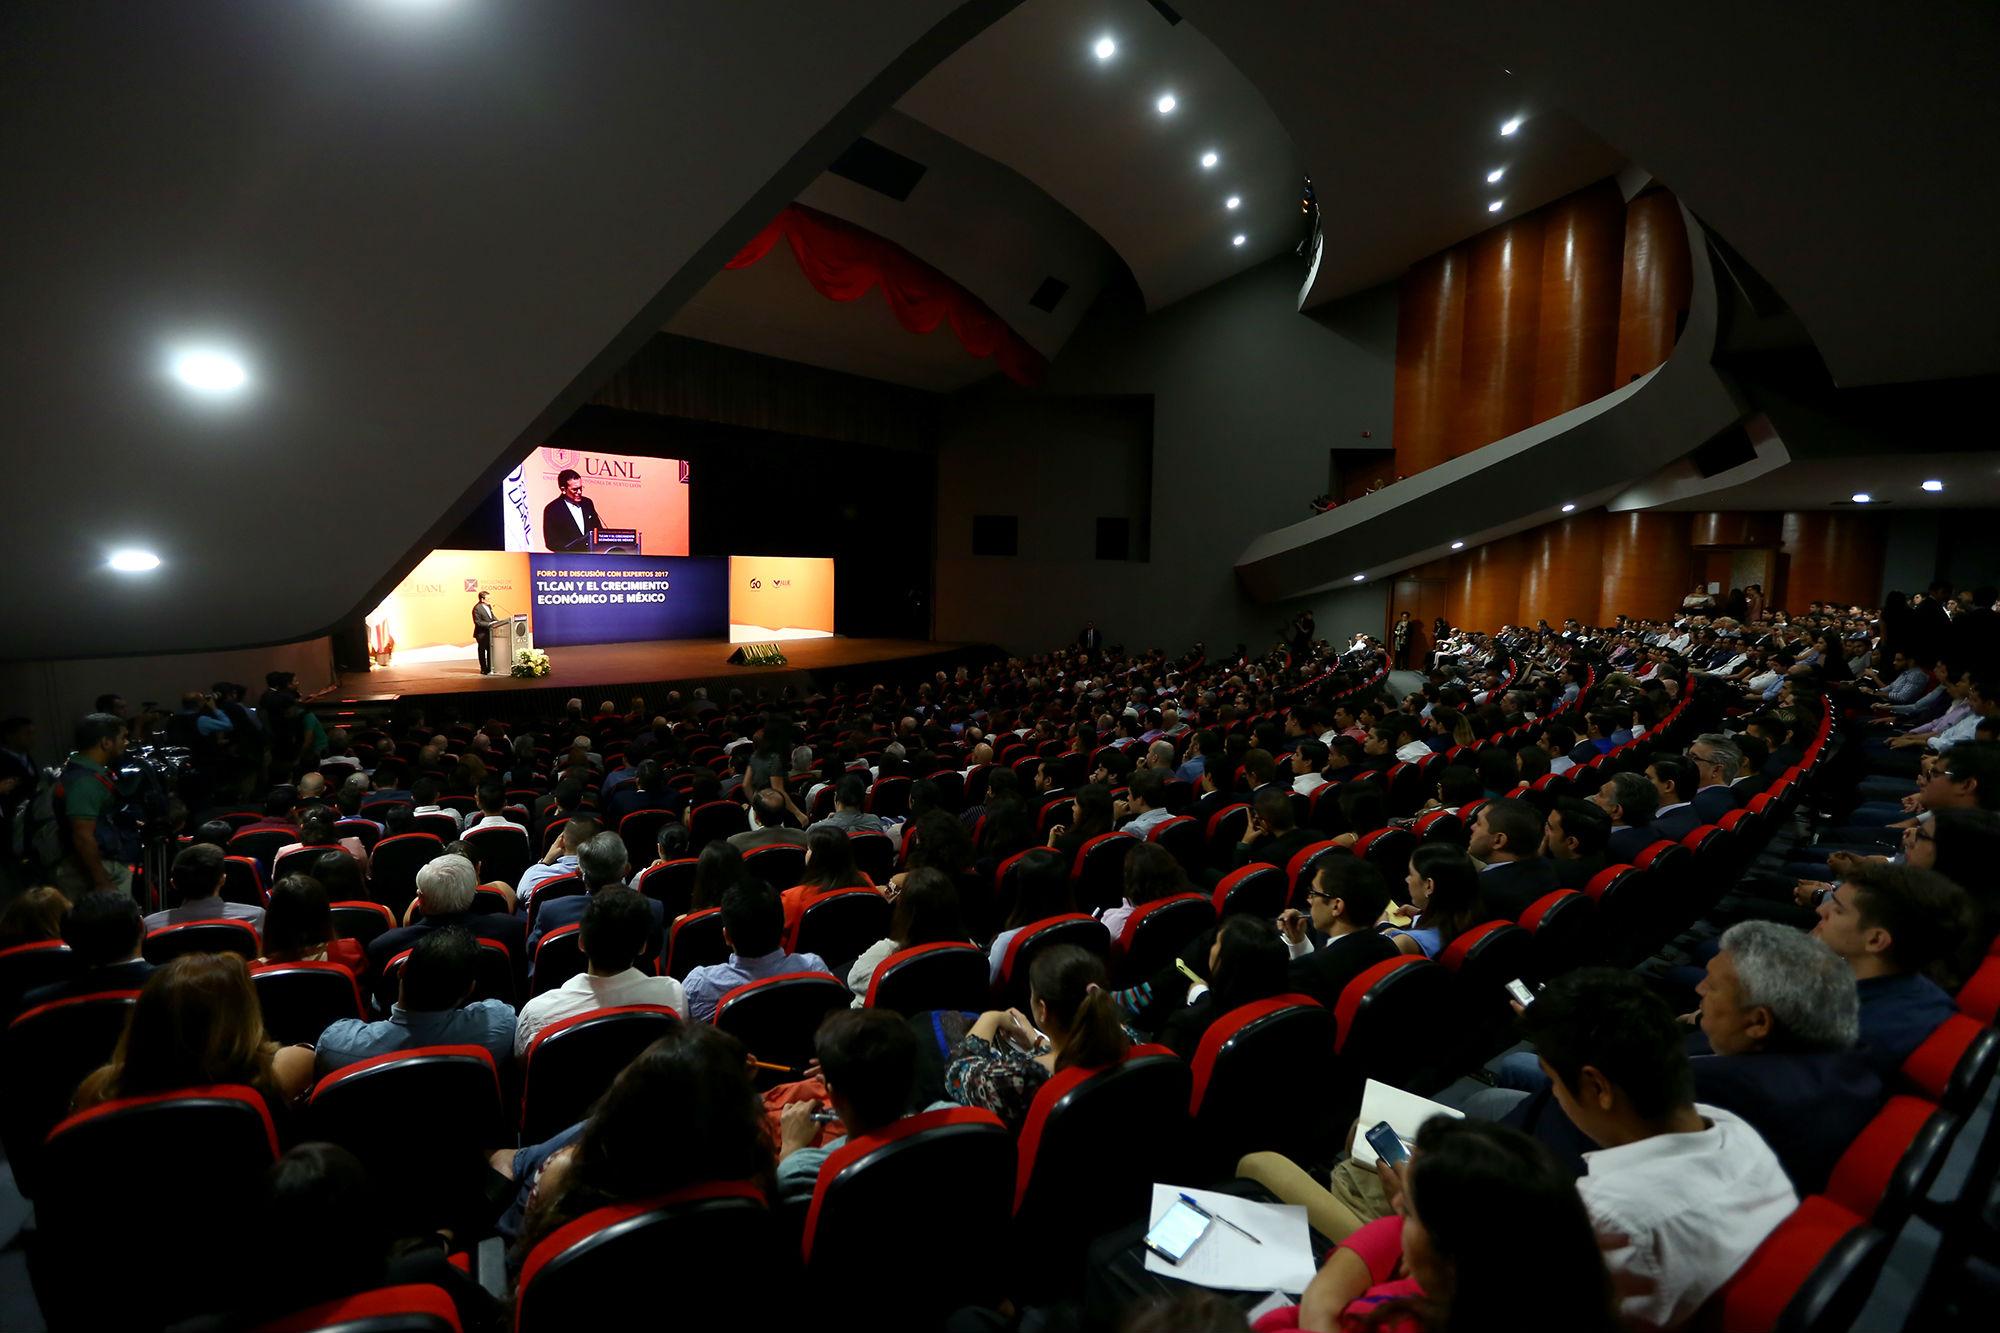 El foro de discusión se llevó a cabo en el Teatro de la Ciudad de Monterrey